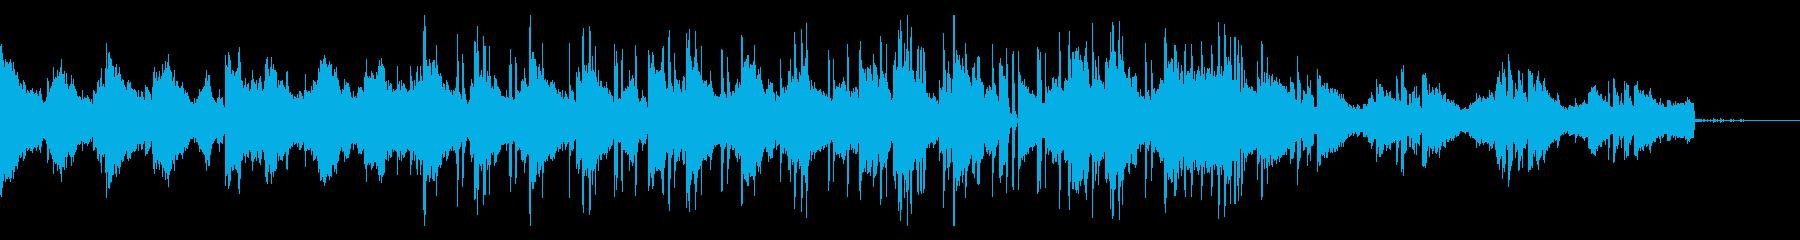 エレピメインのLo-fi HipHopの再生済みの波形